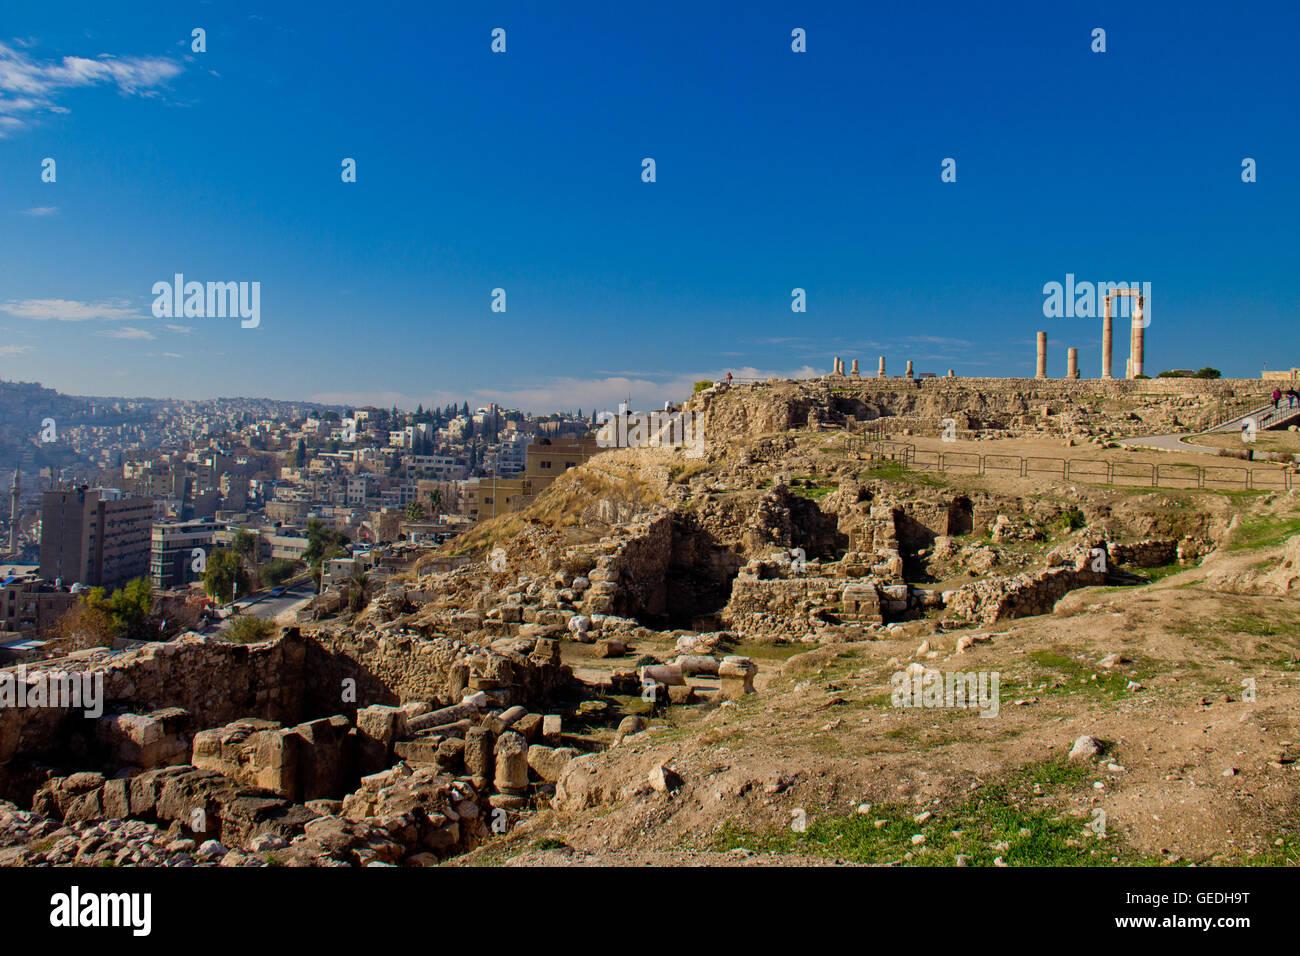 Tempio di Ercole in Amman Giordania Immagini Stock